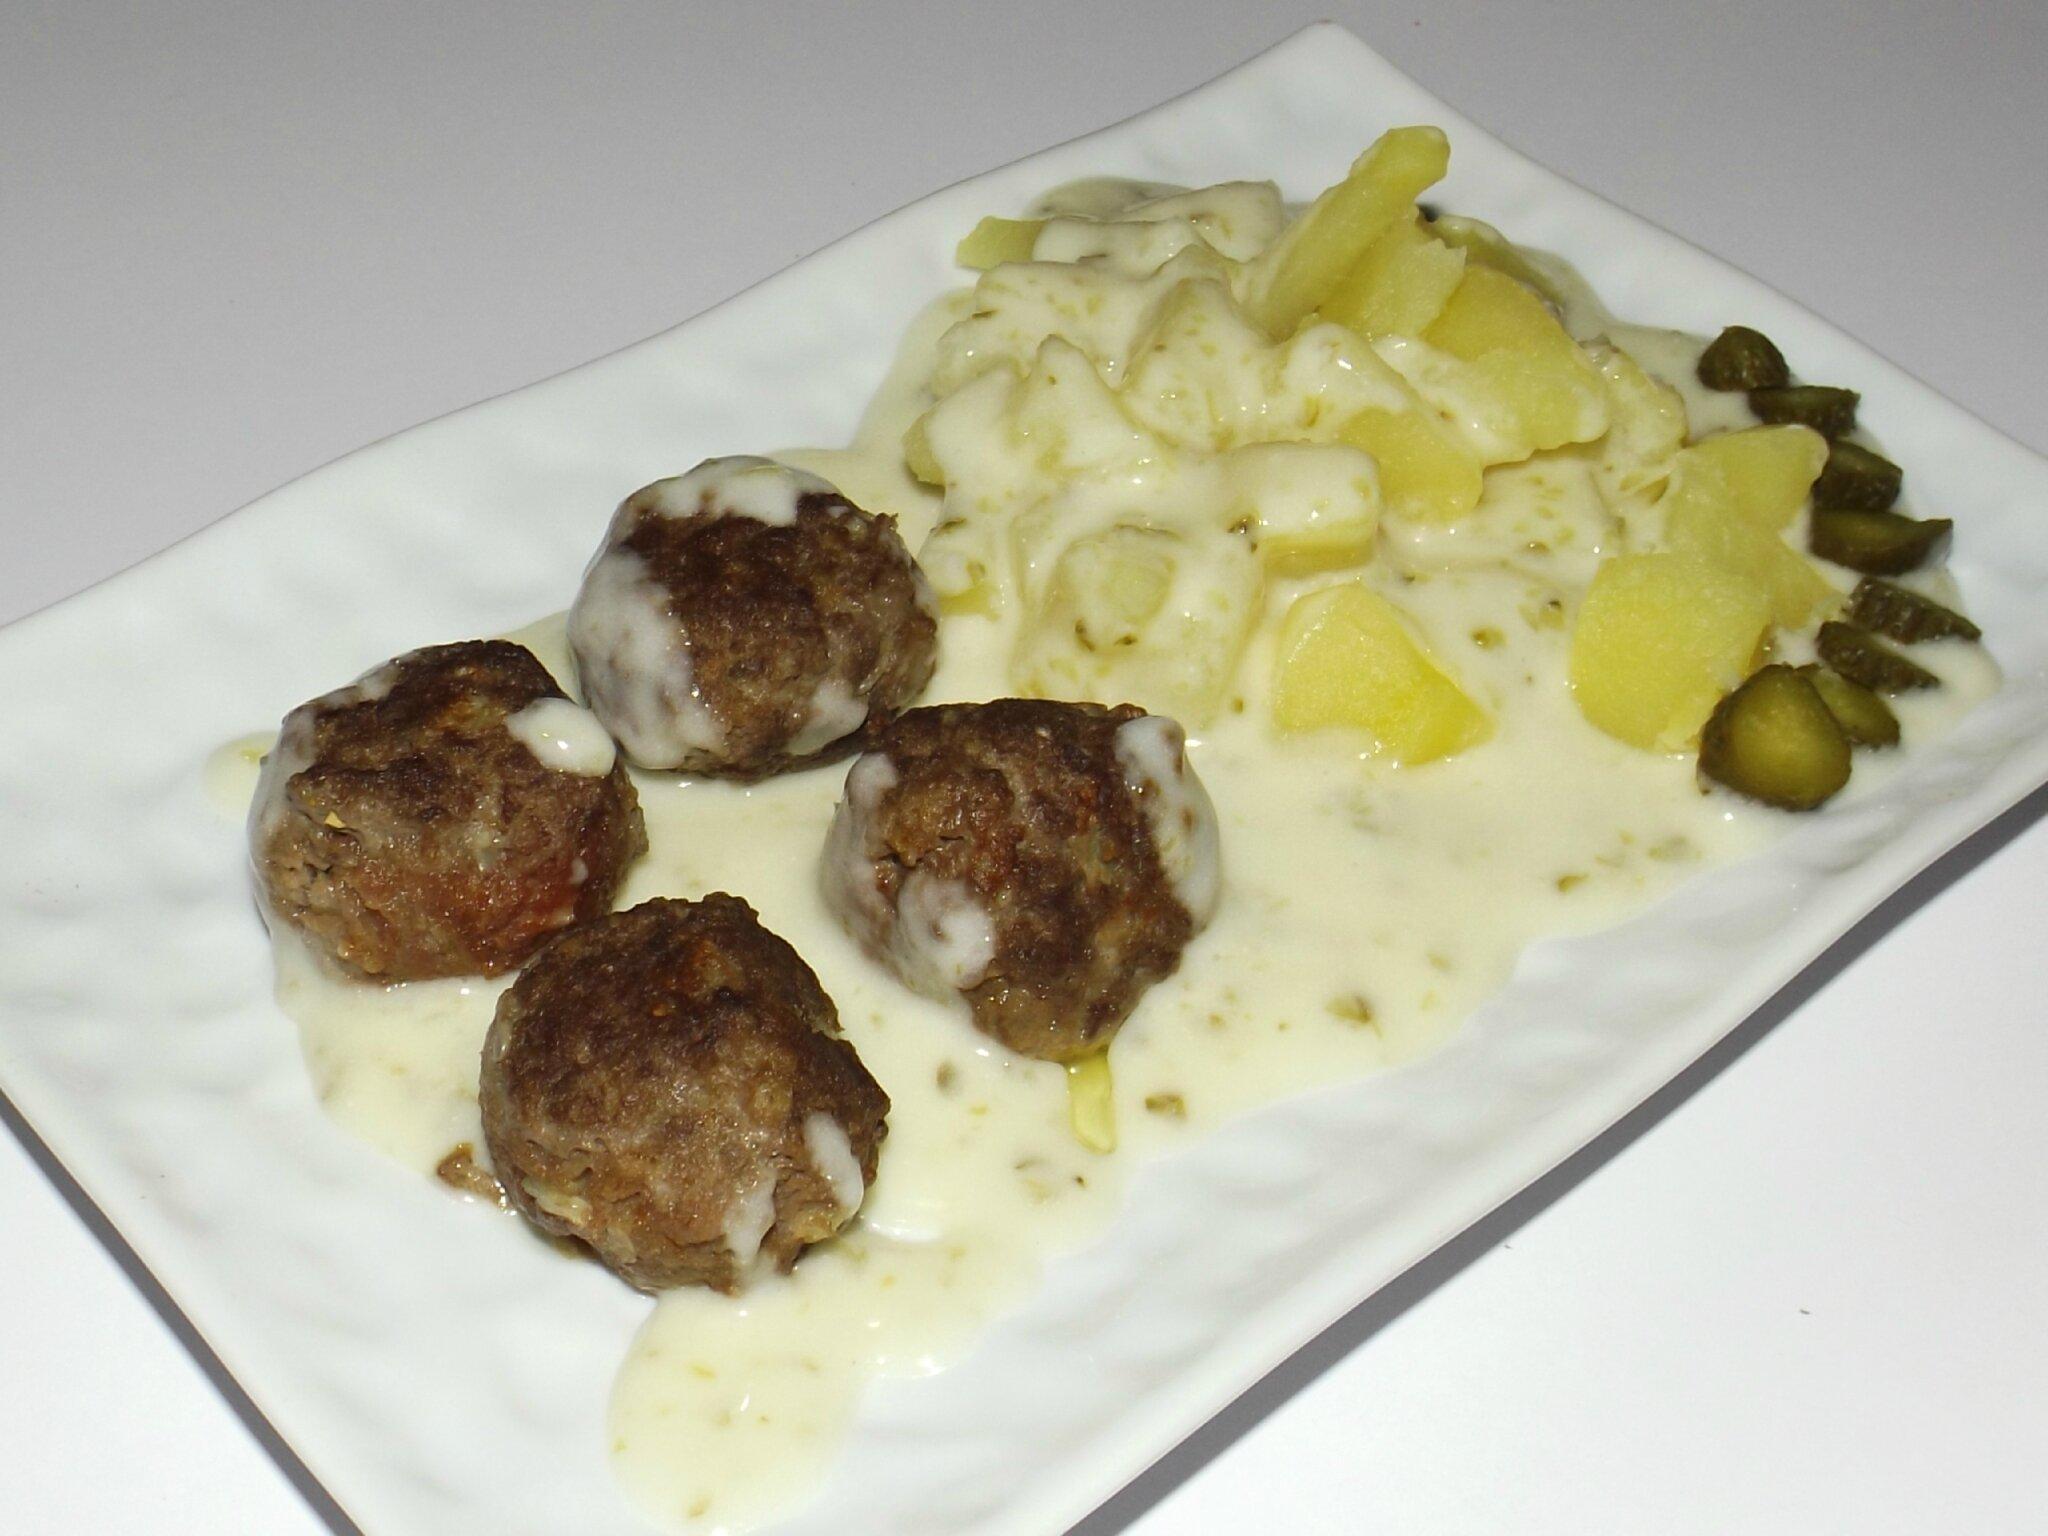 boulettes de boeuf pommes de terre et sauce aux cornichons blogs de cuisine. Black Bedroom Furniture Sets. Home Design Ideas